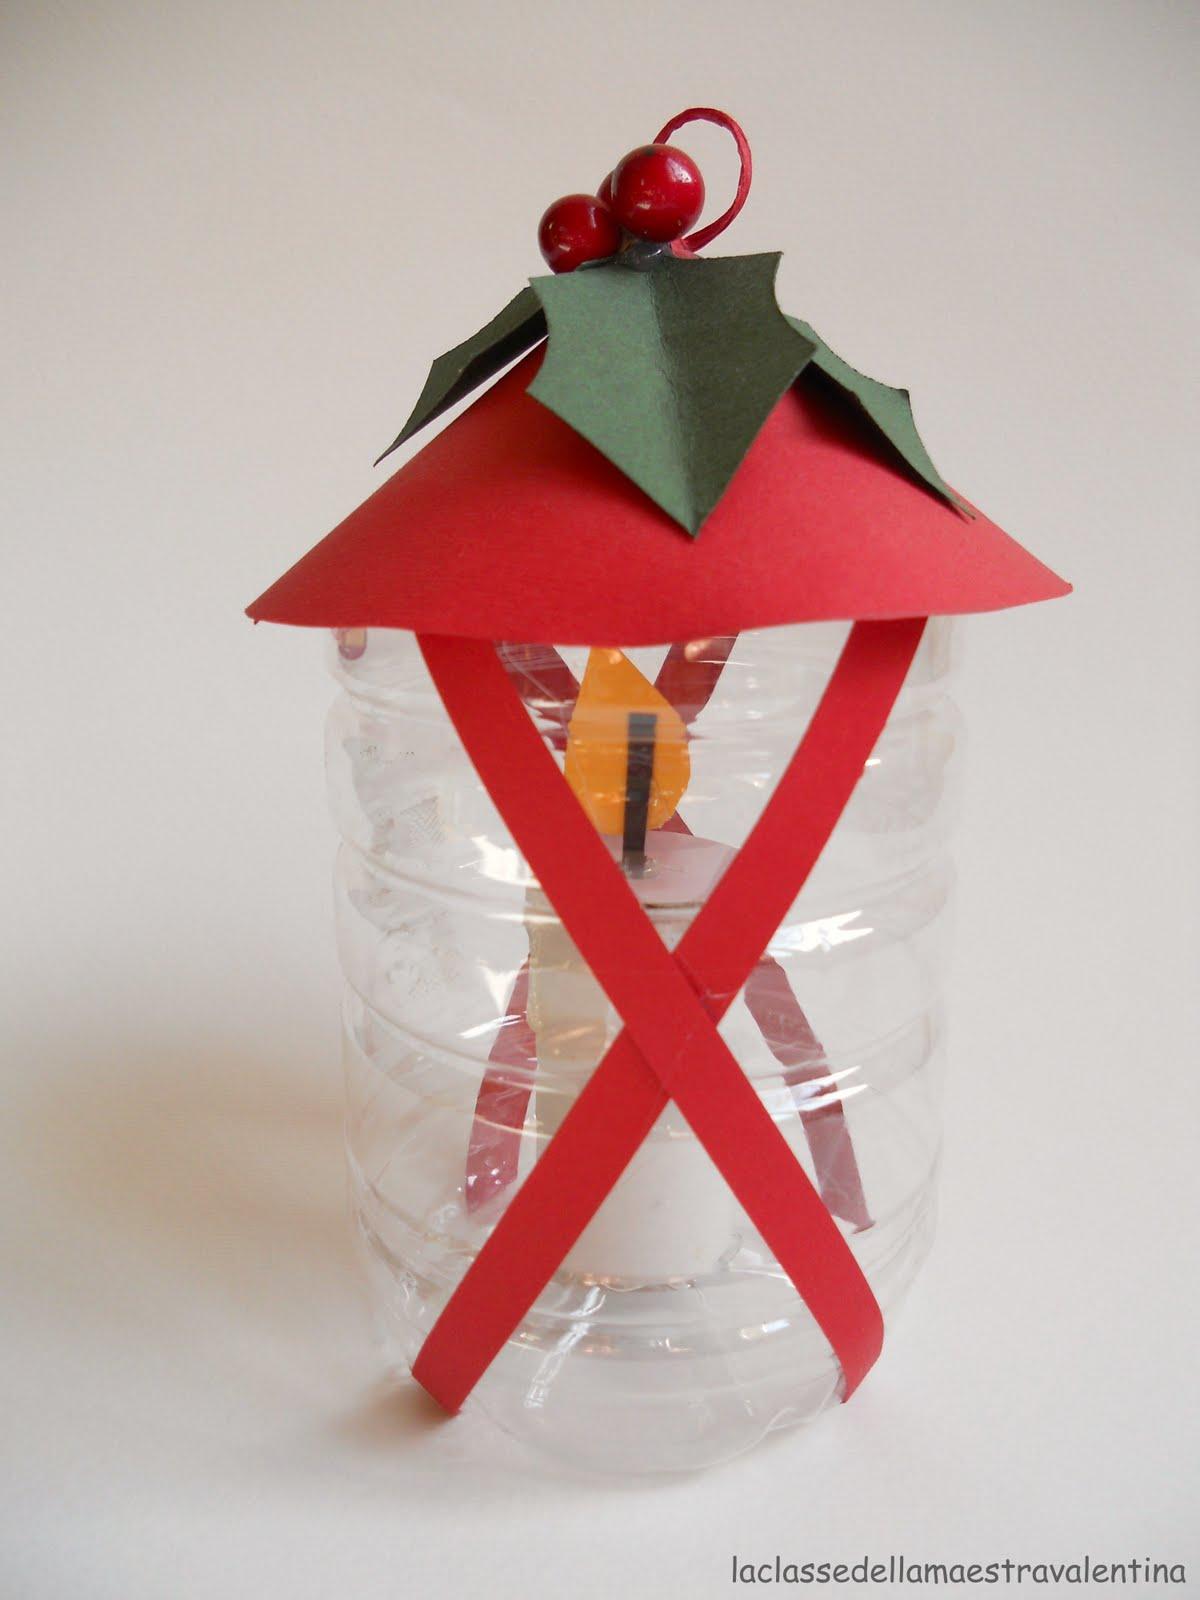 La classe della maestra valentina le lanternine cassetto n 2 for Addobbi per la classe natale